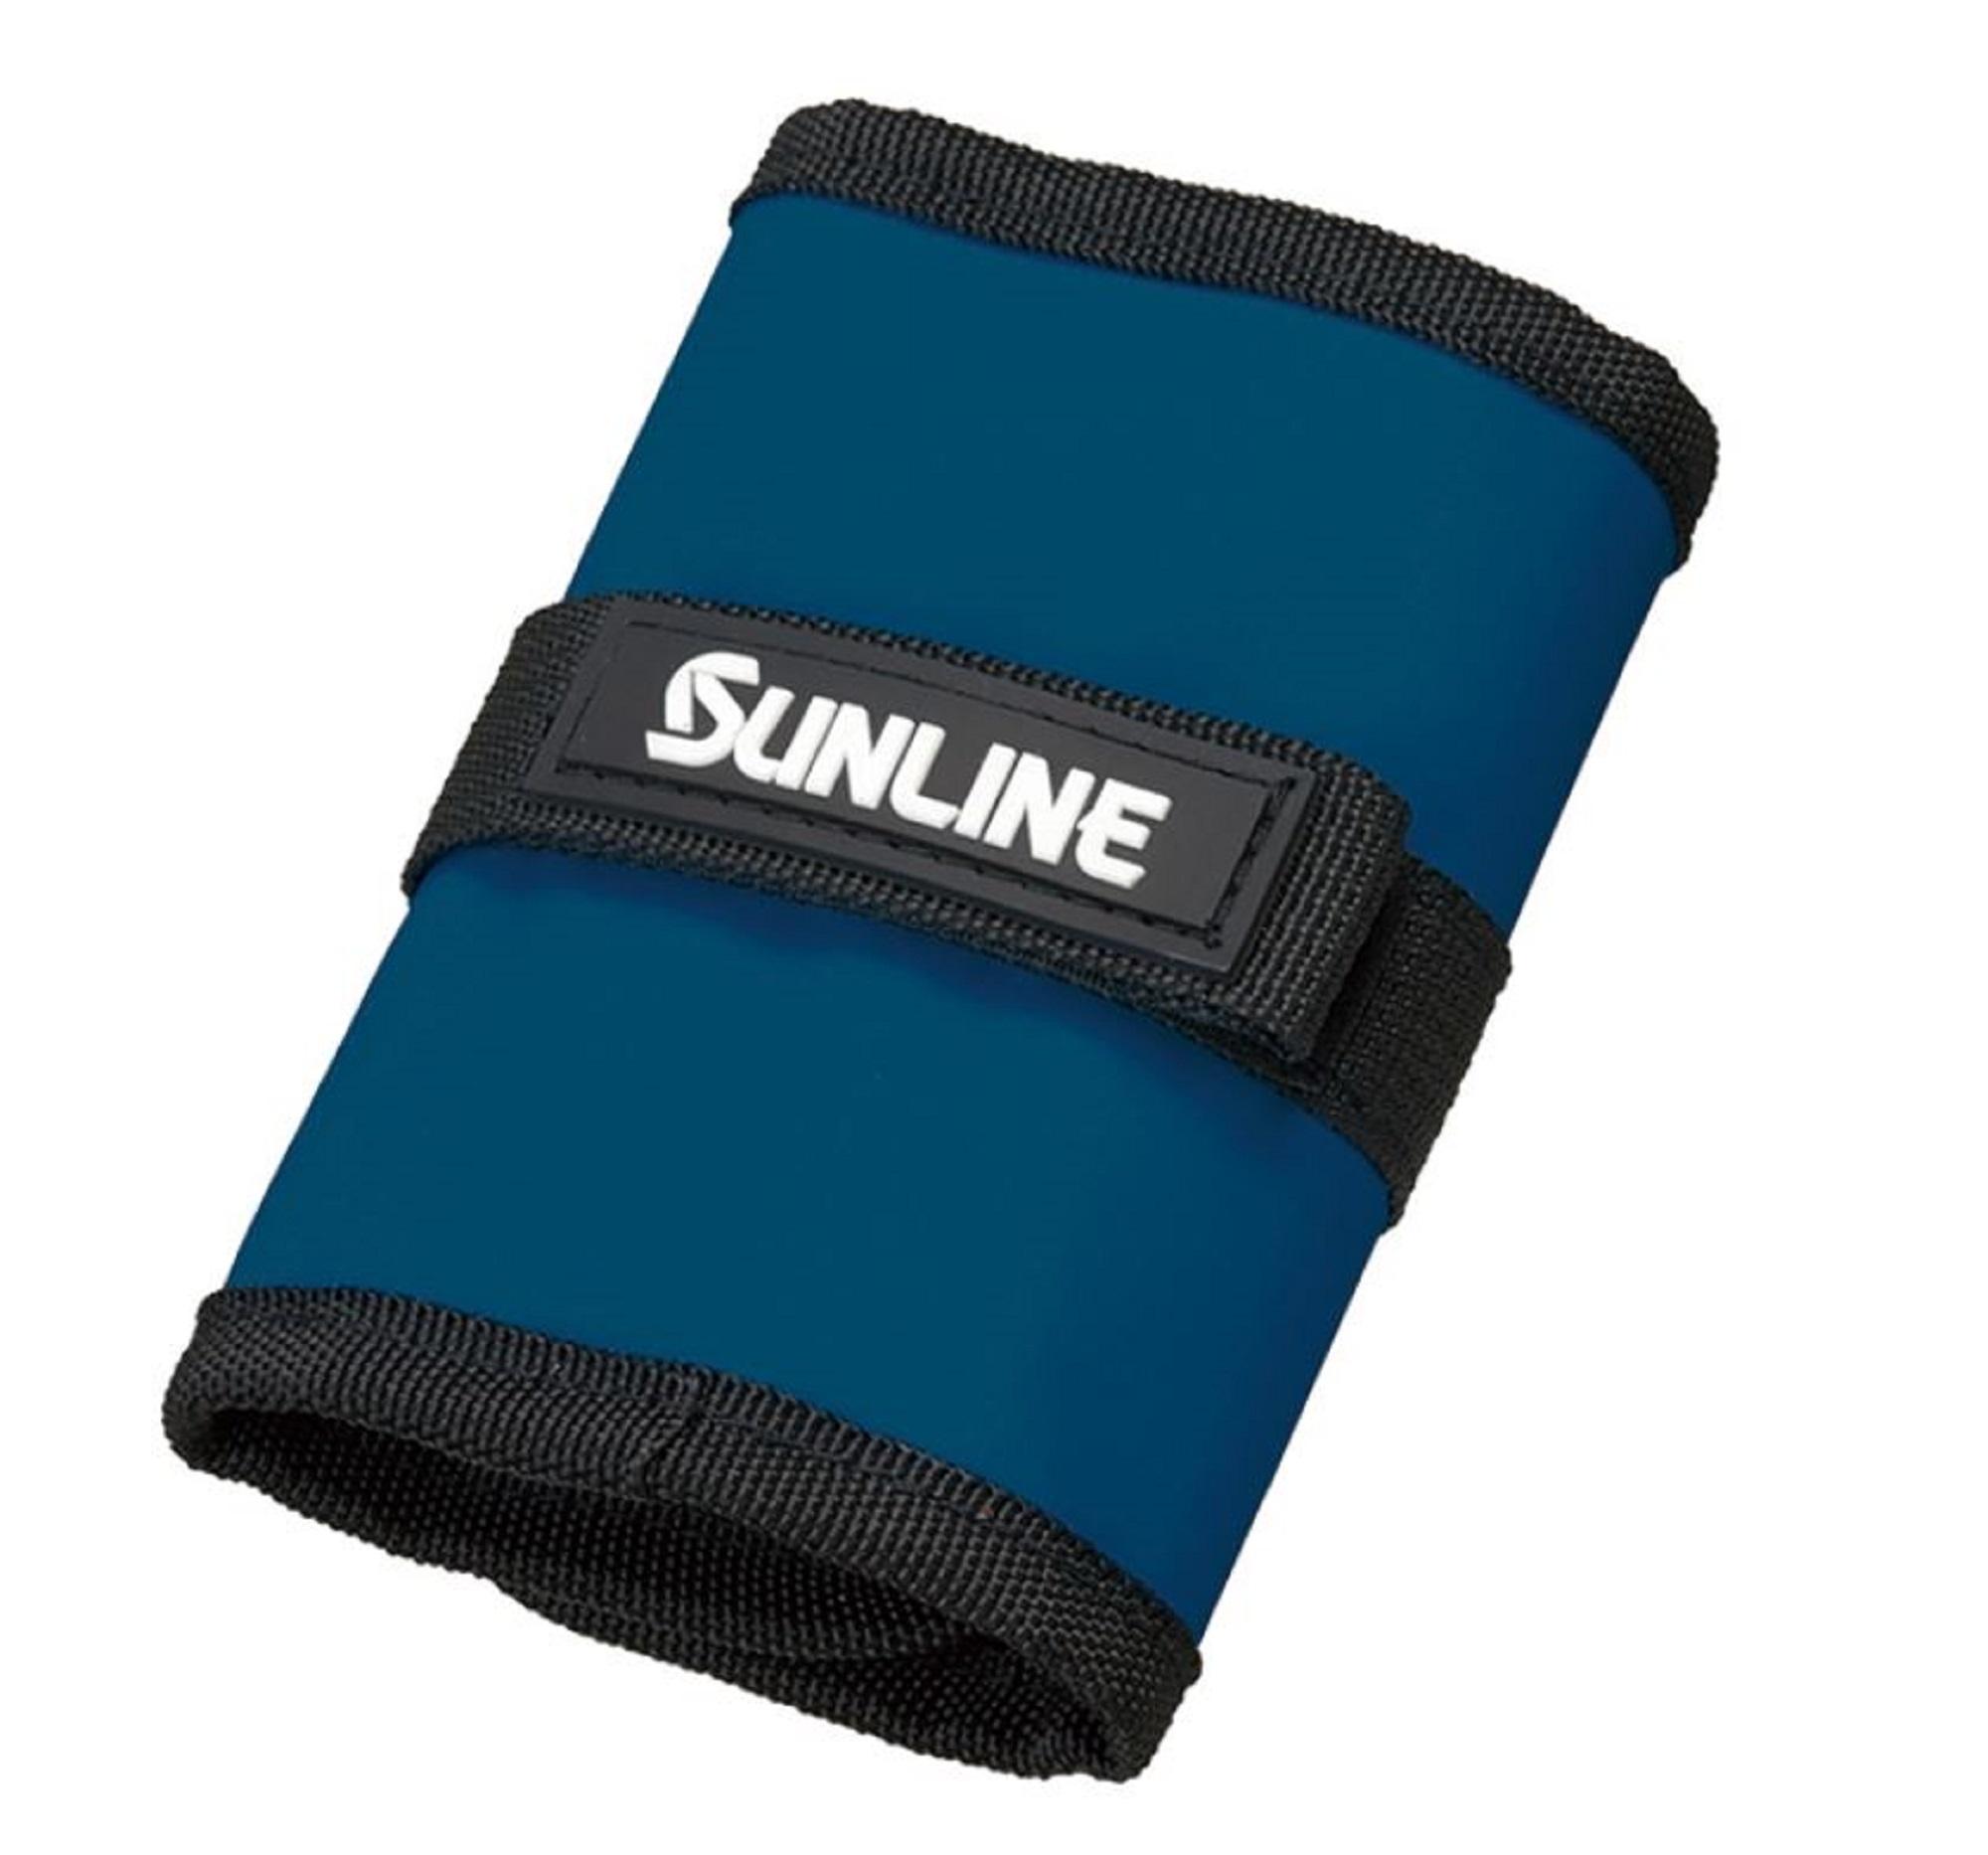 Sunline SFP-0127 Jig roll Pack 270 x 130 mm Navy (4979)